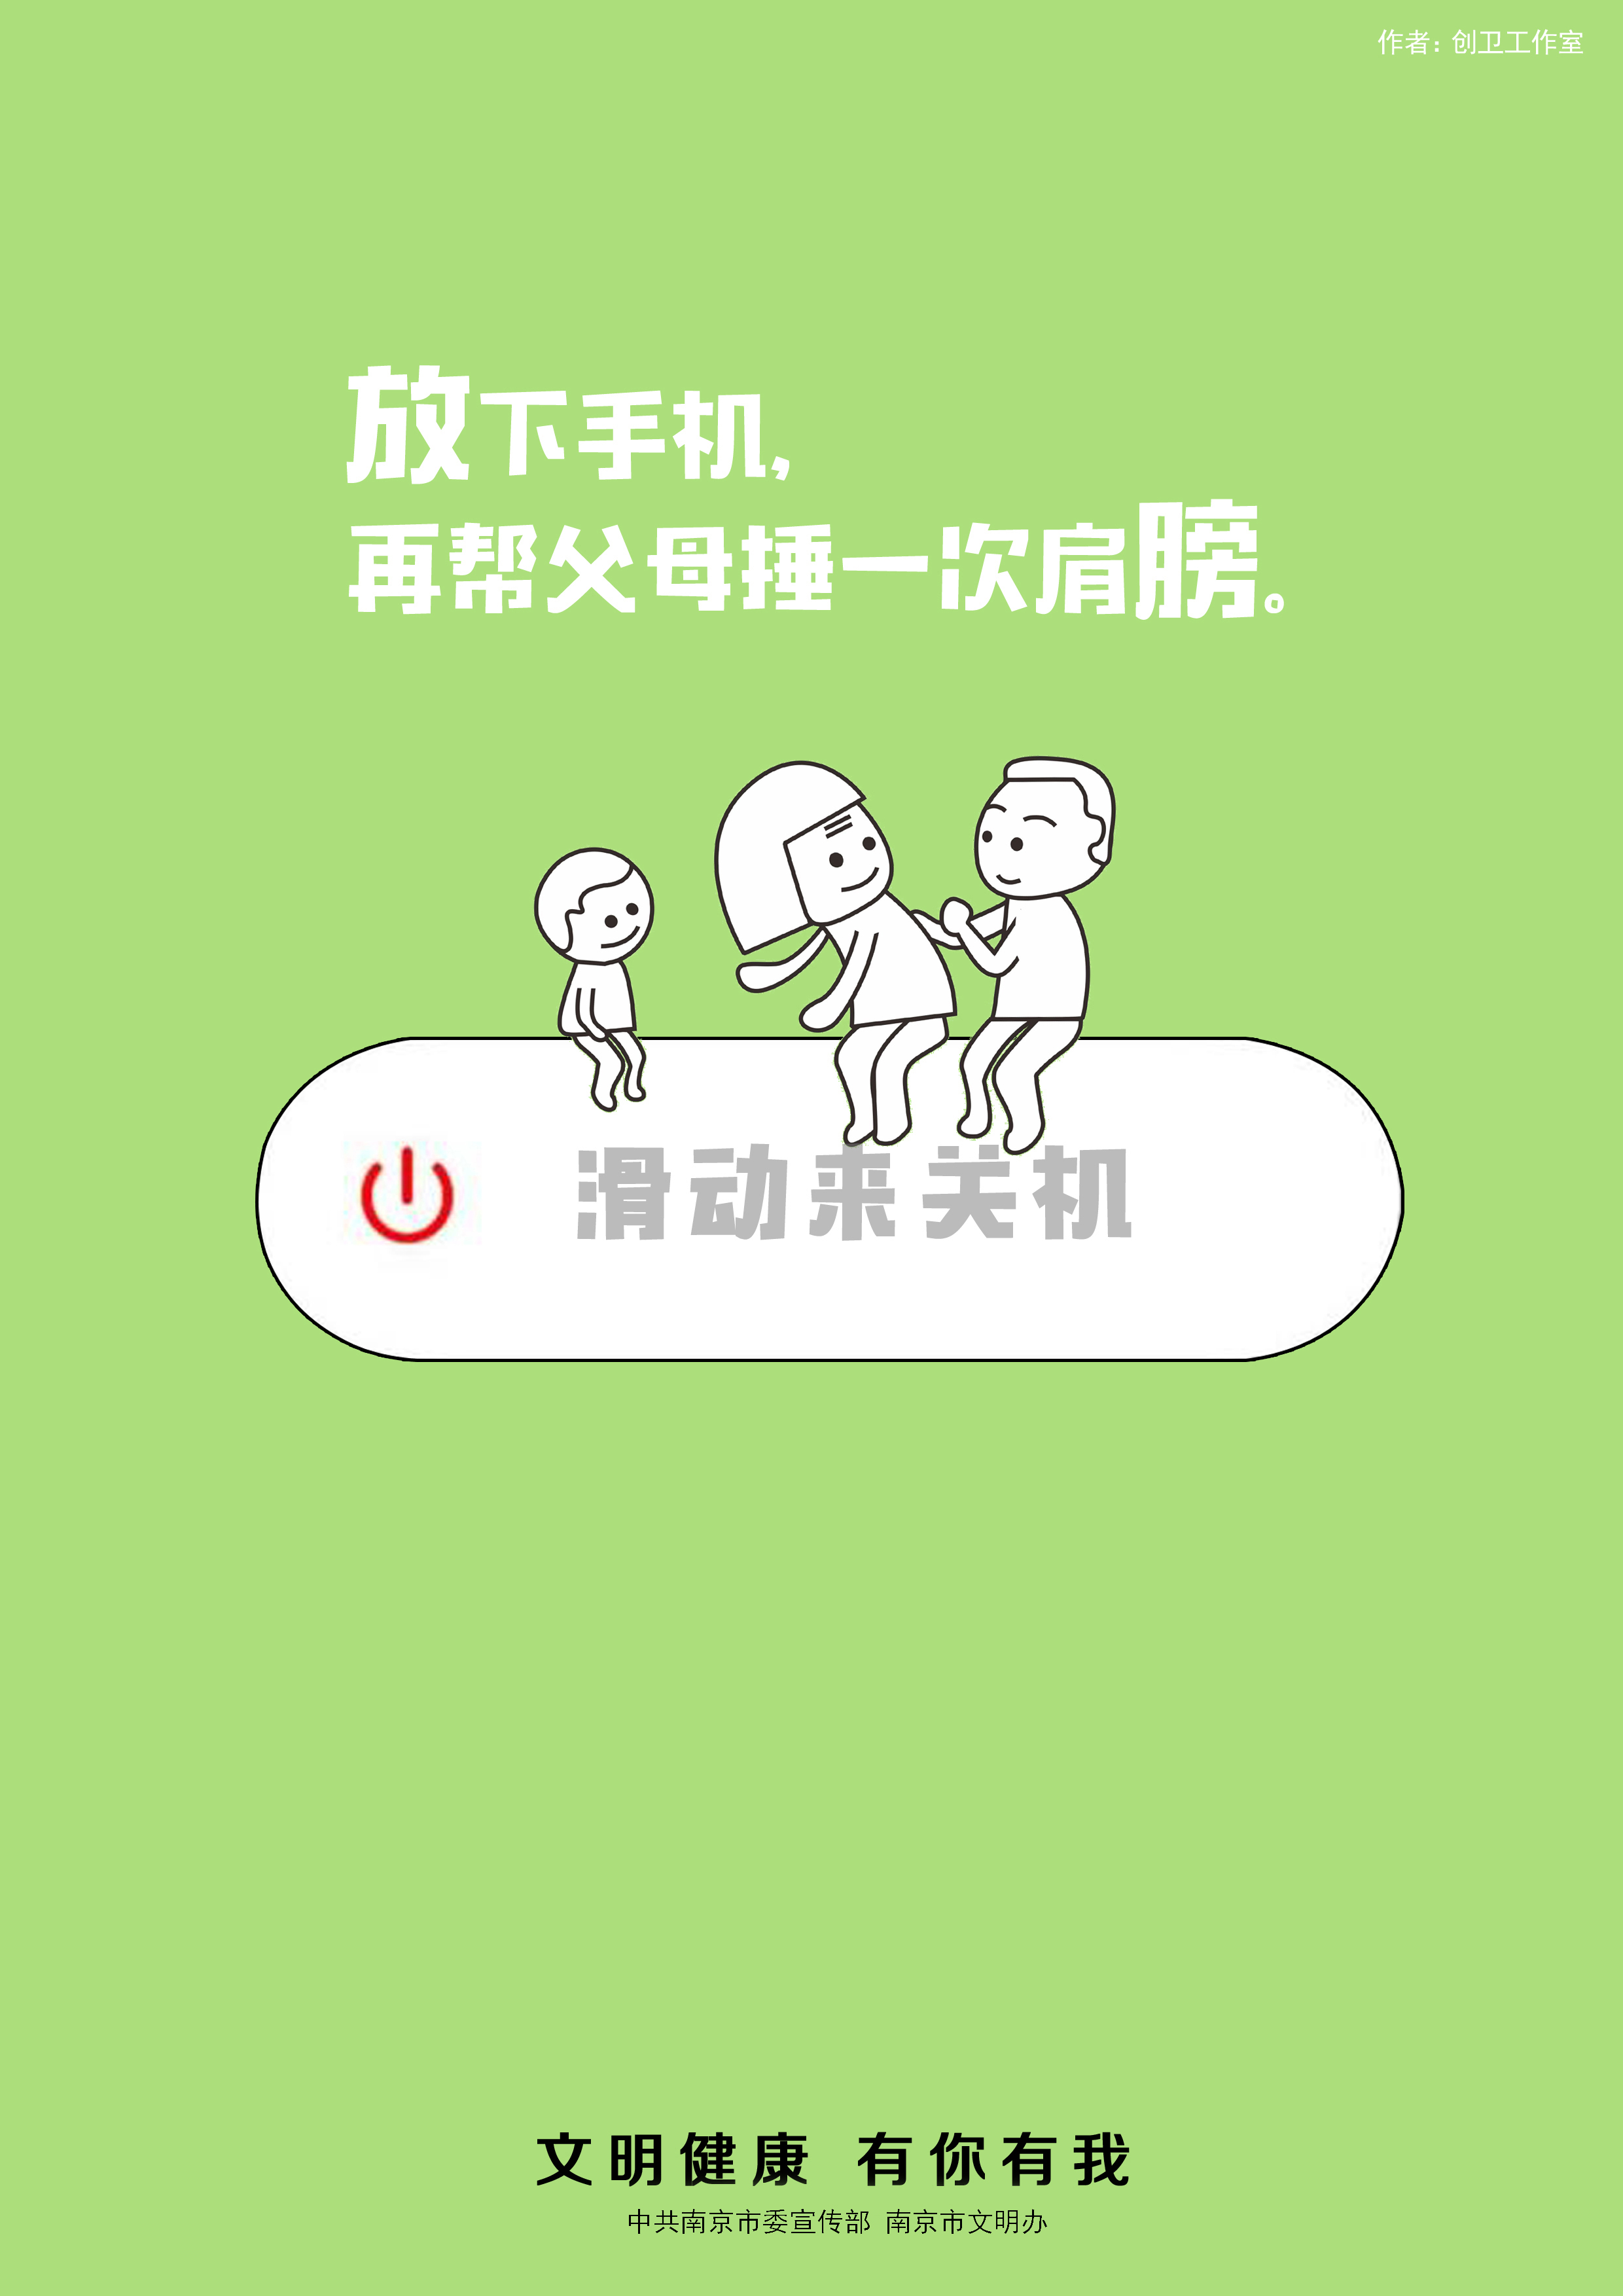 弘扬新风1 (2).jpg